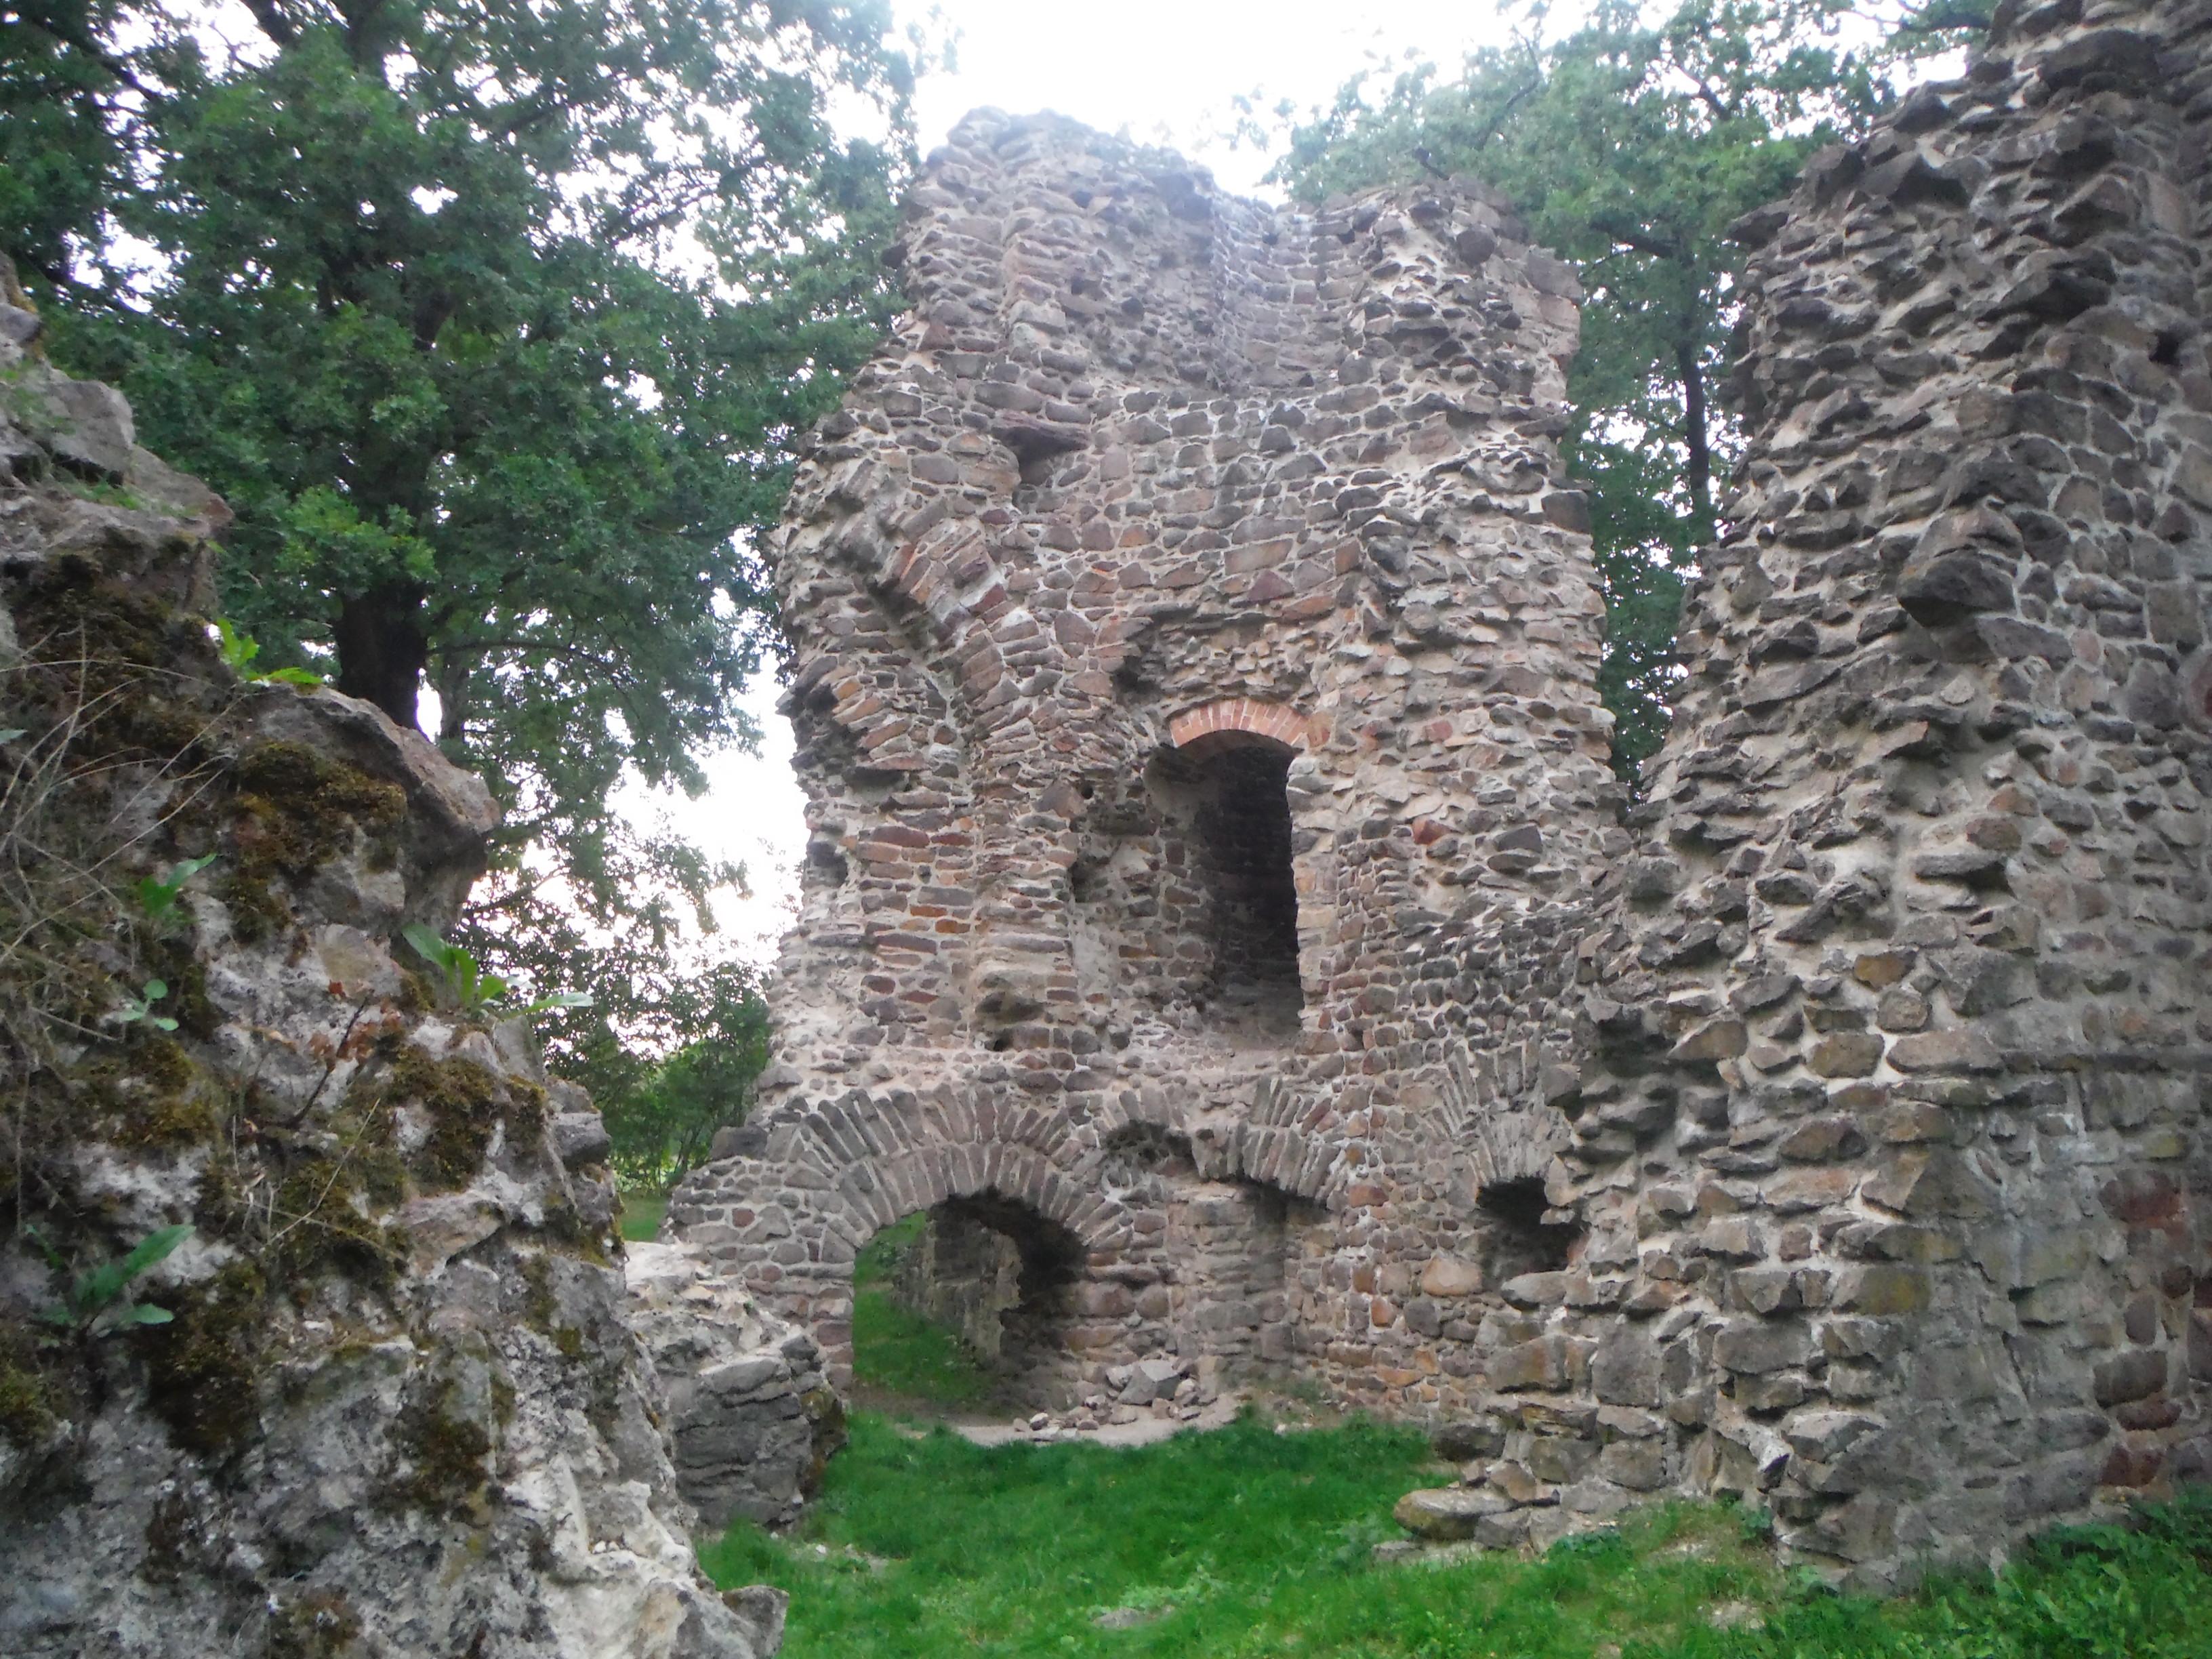 In der Mitte ist ein Teil einer Ruine mit Fenstern und einem kleinen Torbogen zu sehen, links und rechts befinden sich kleinere Mauerreste. Die Ruine ist von Gras und Bäumen umgeben.